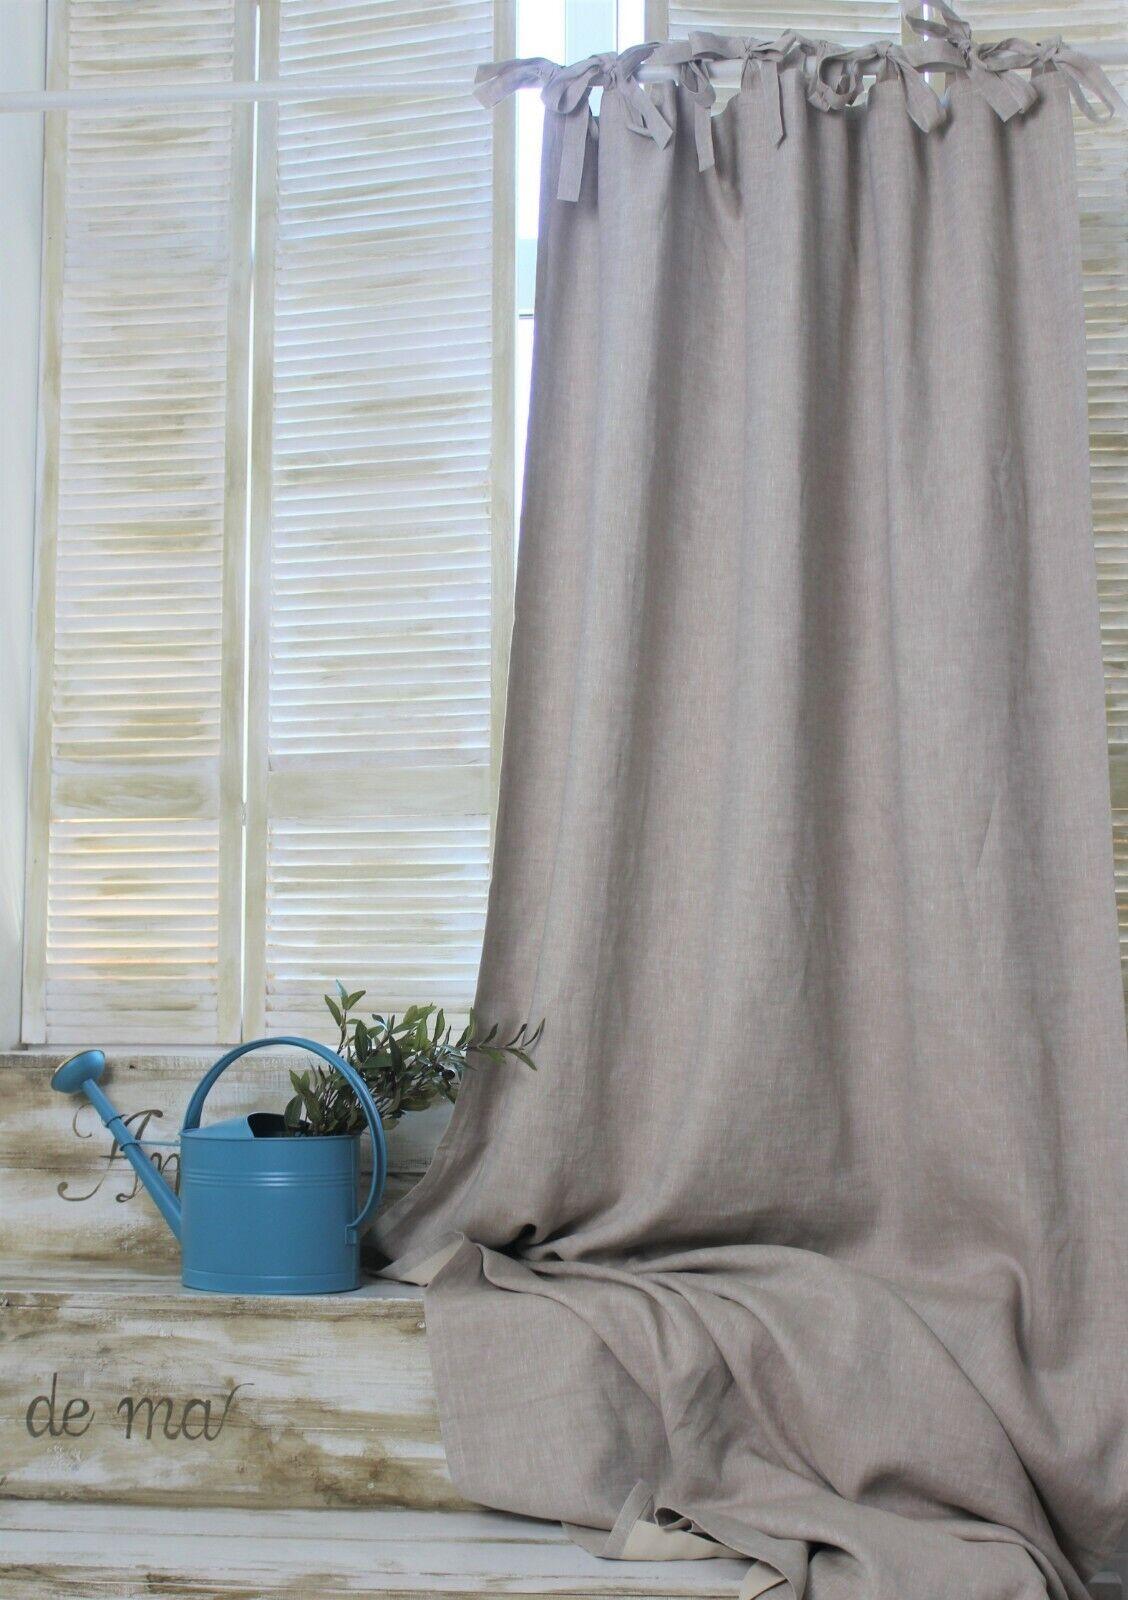 Lino cortina trabillas tupido forro con bucles arriba-anchura 135 cm